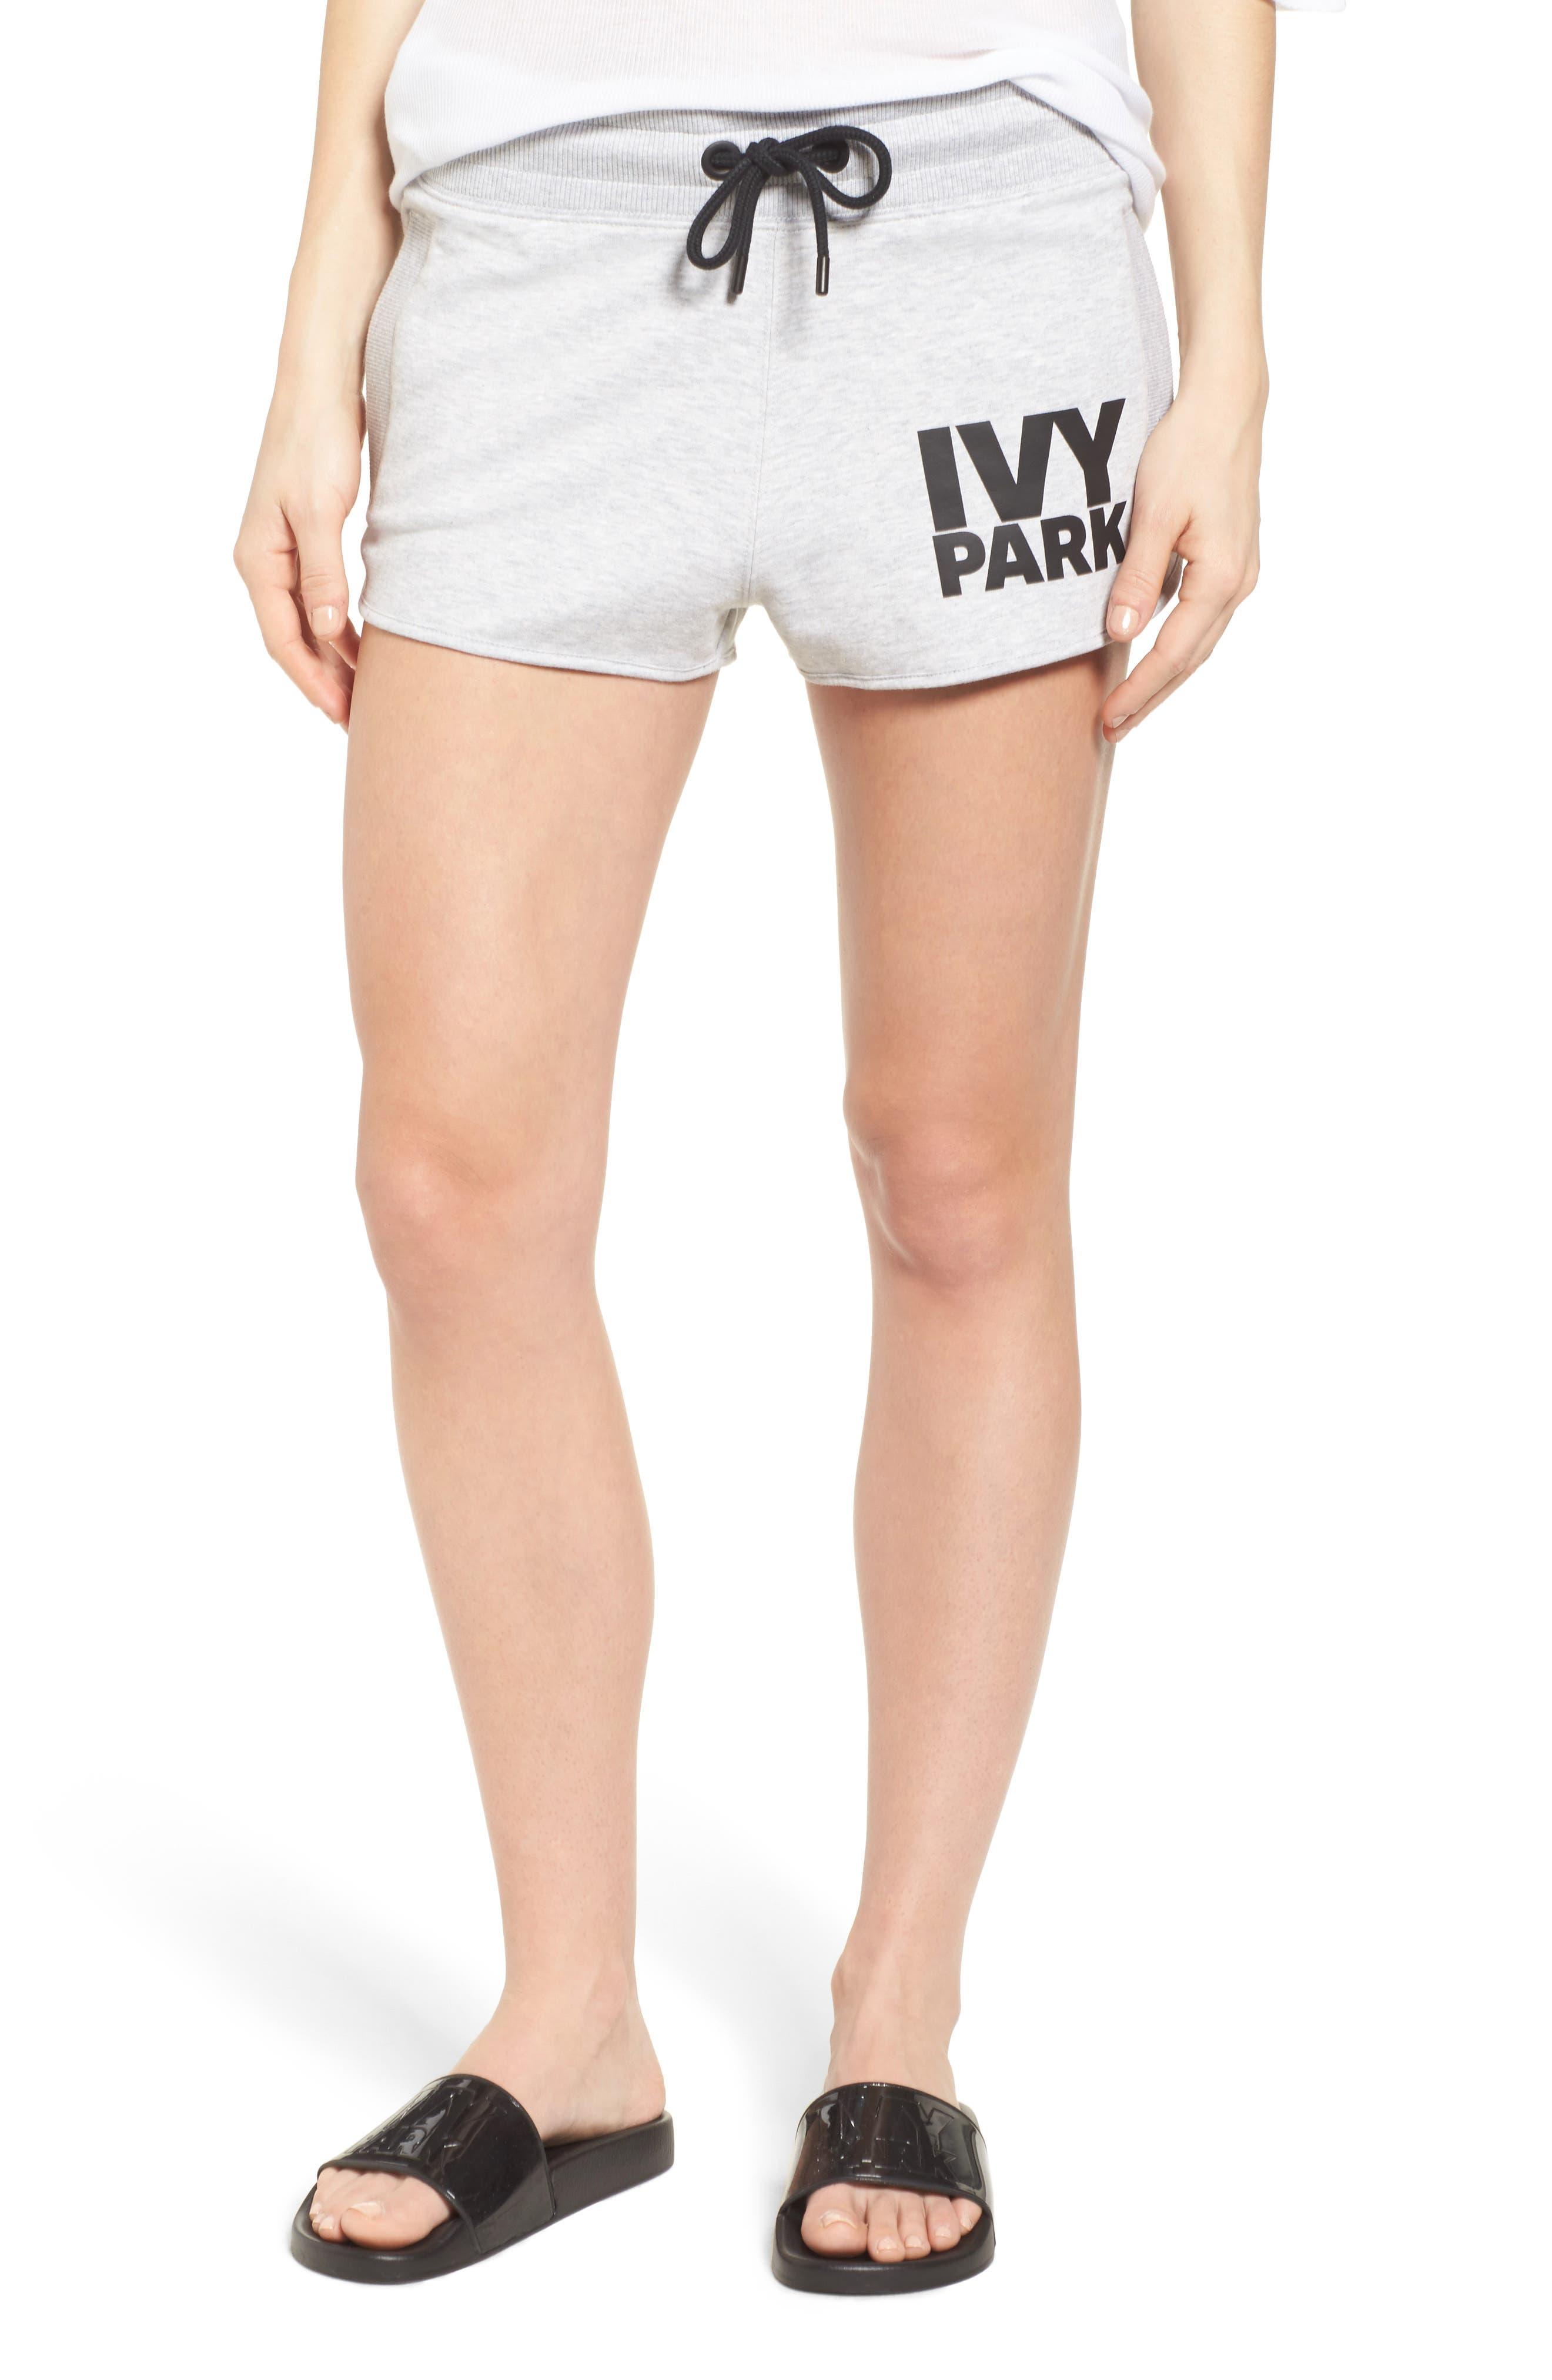 IVY PARK® Logo Shorts